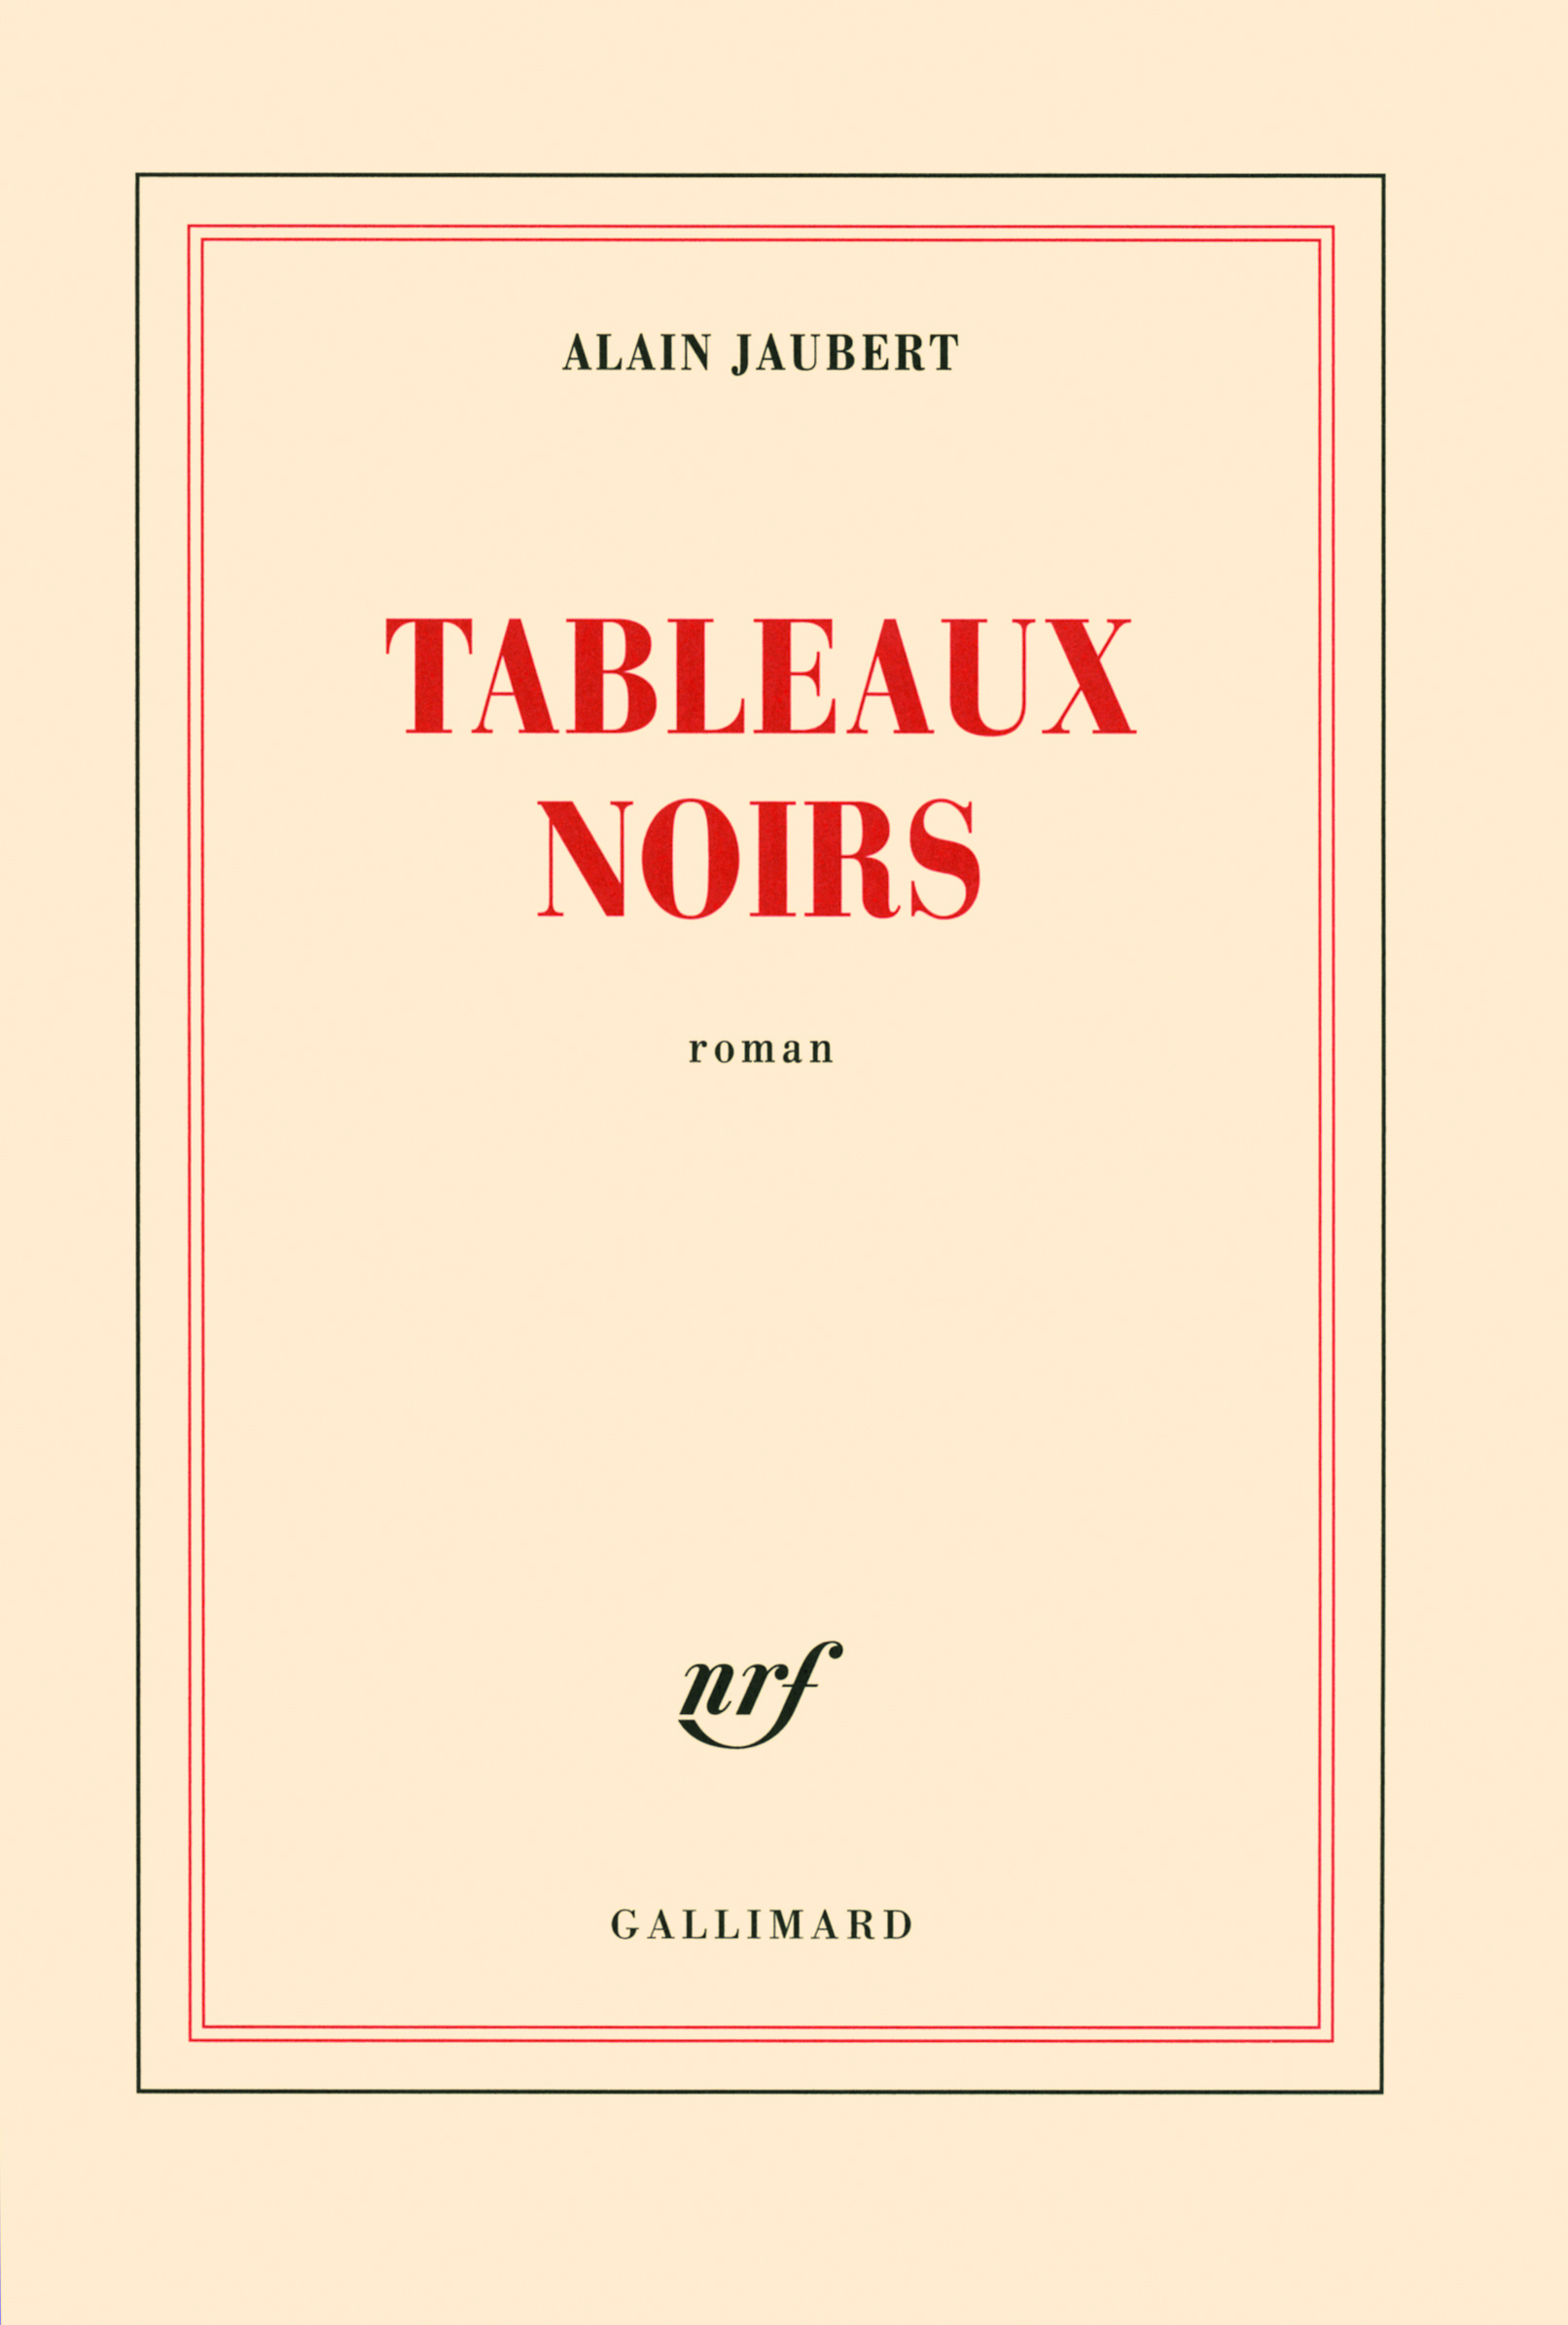 TABLEAUX NOIRS